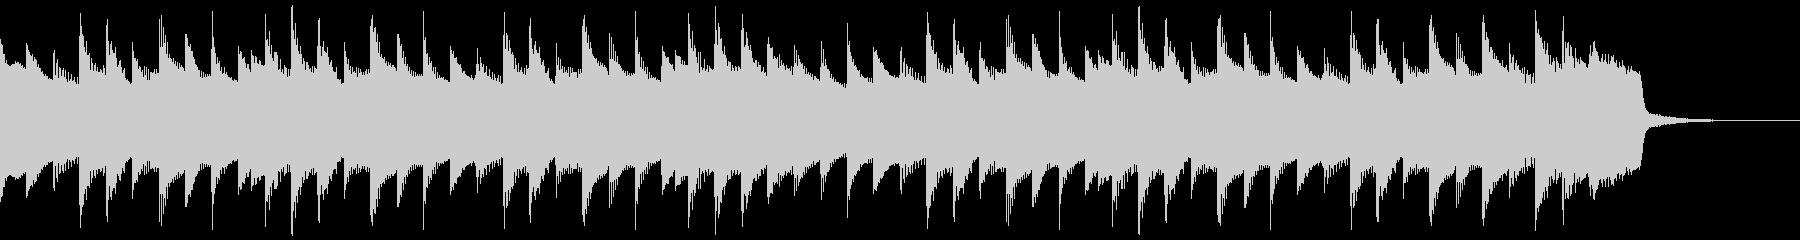 鉄琴を使ったほのぼのジングルの未再生の波形